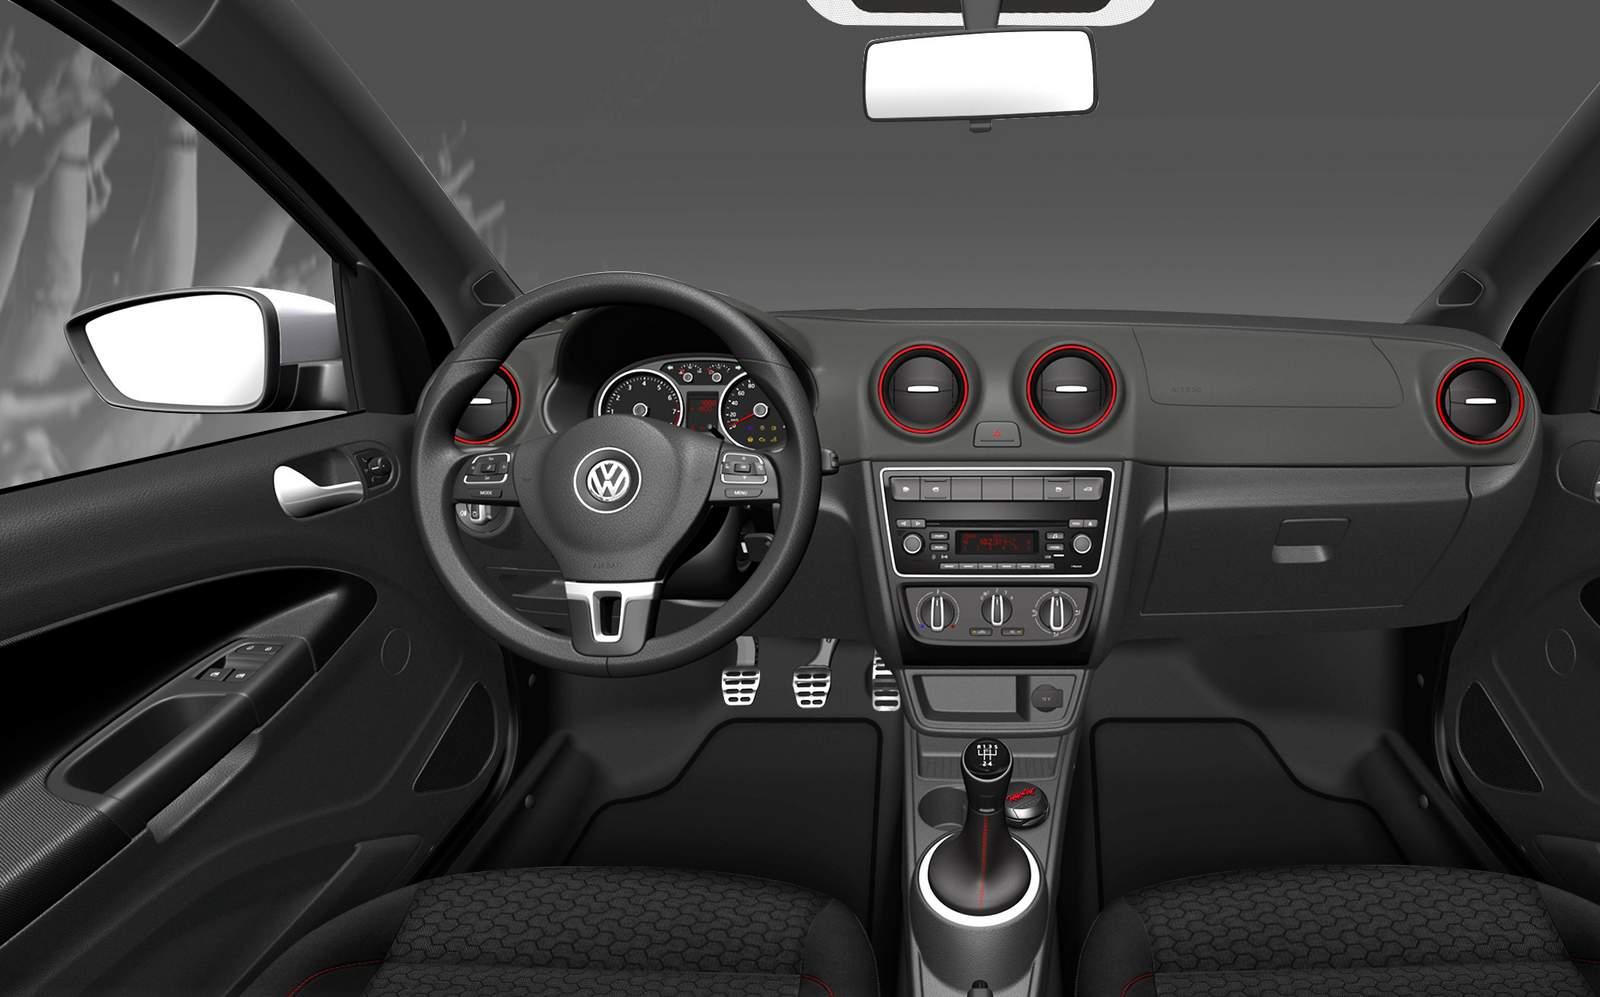 VW Saveiro Cabine Dupla interior